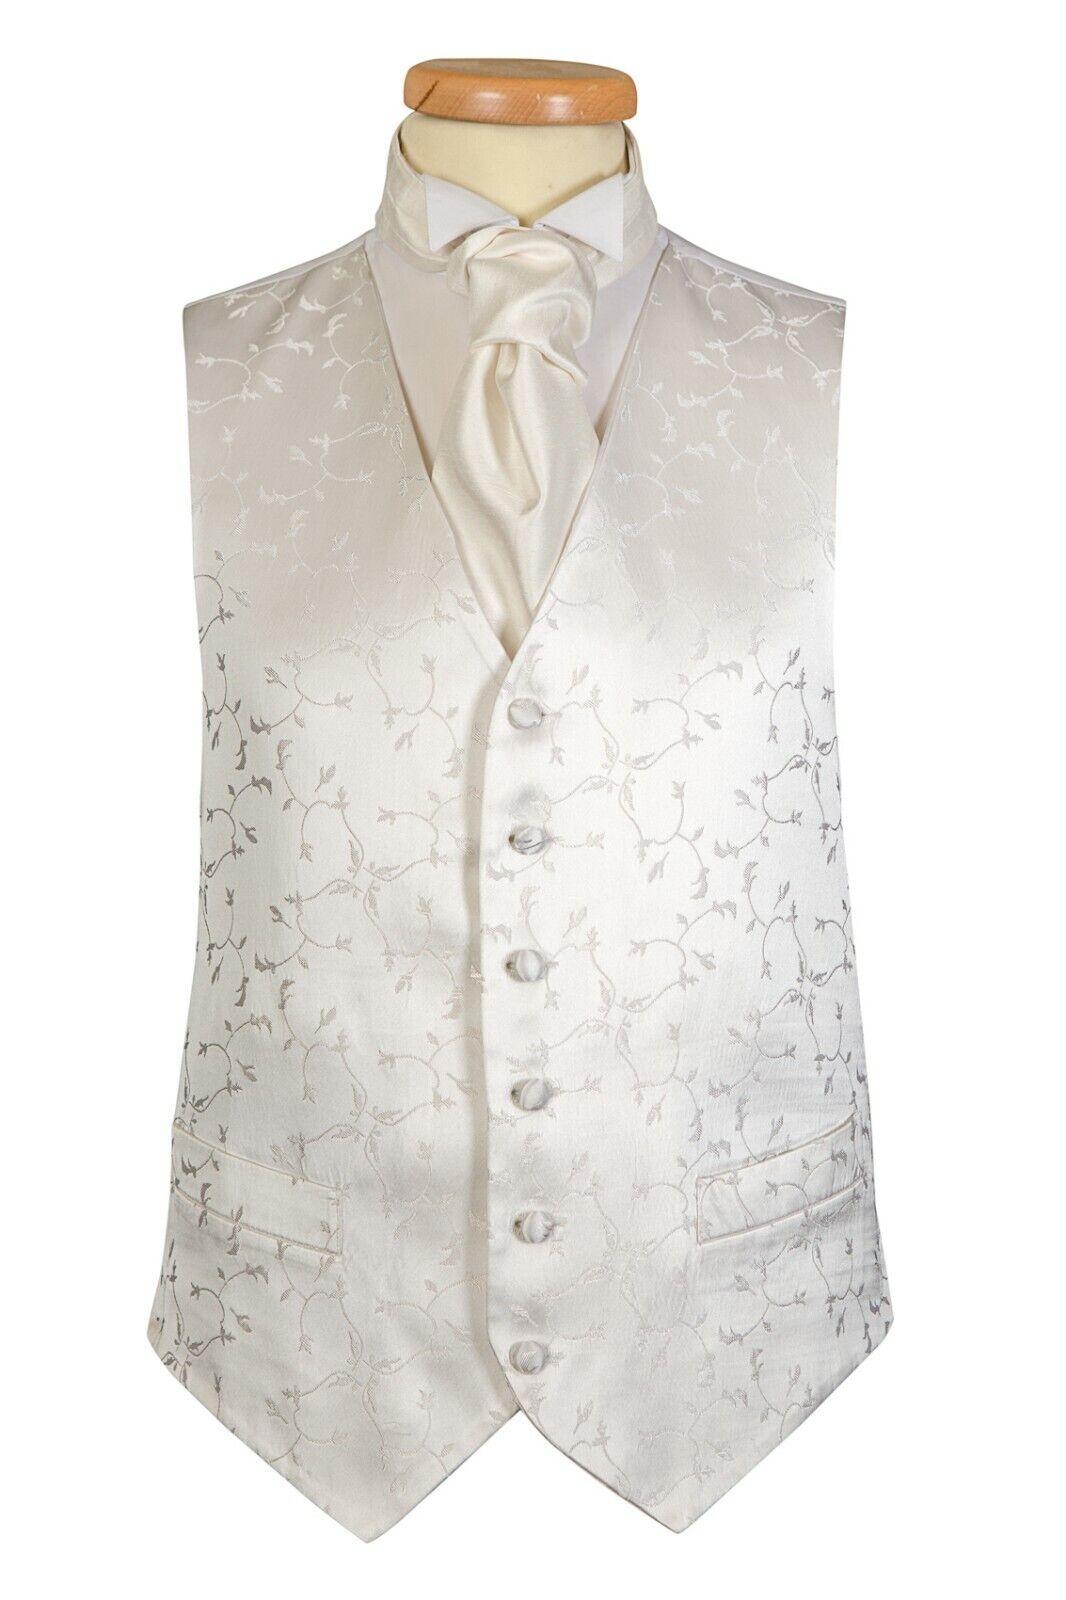 Ivory Leaf Wedding Suit Waistcoat UK (A22) Sizes 36 38 40 42 44 46